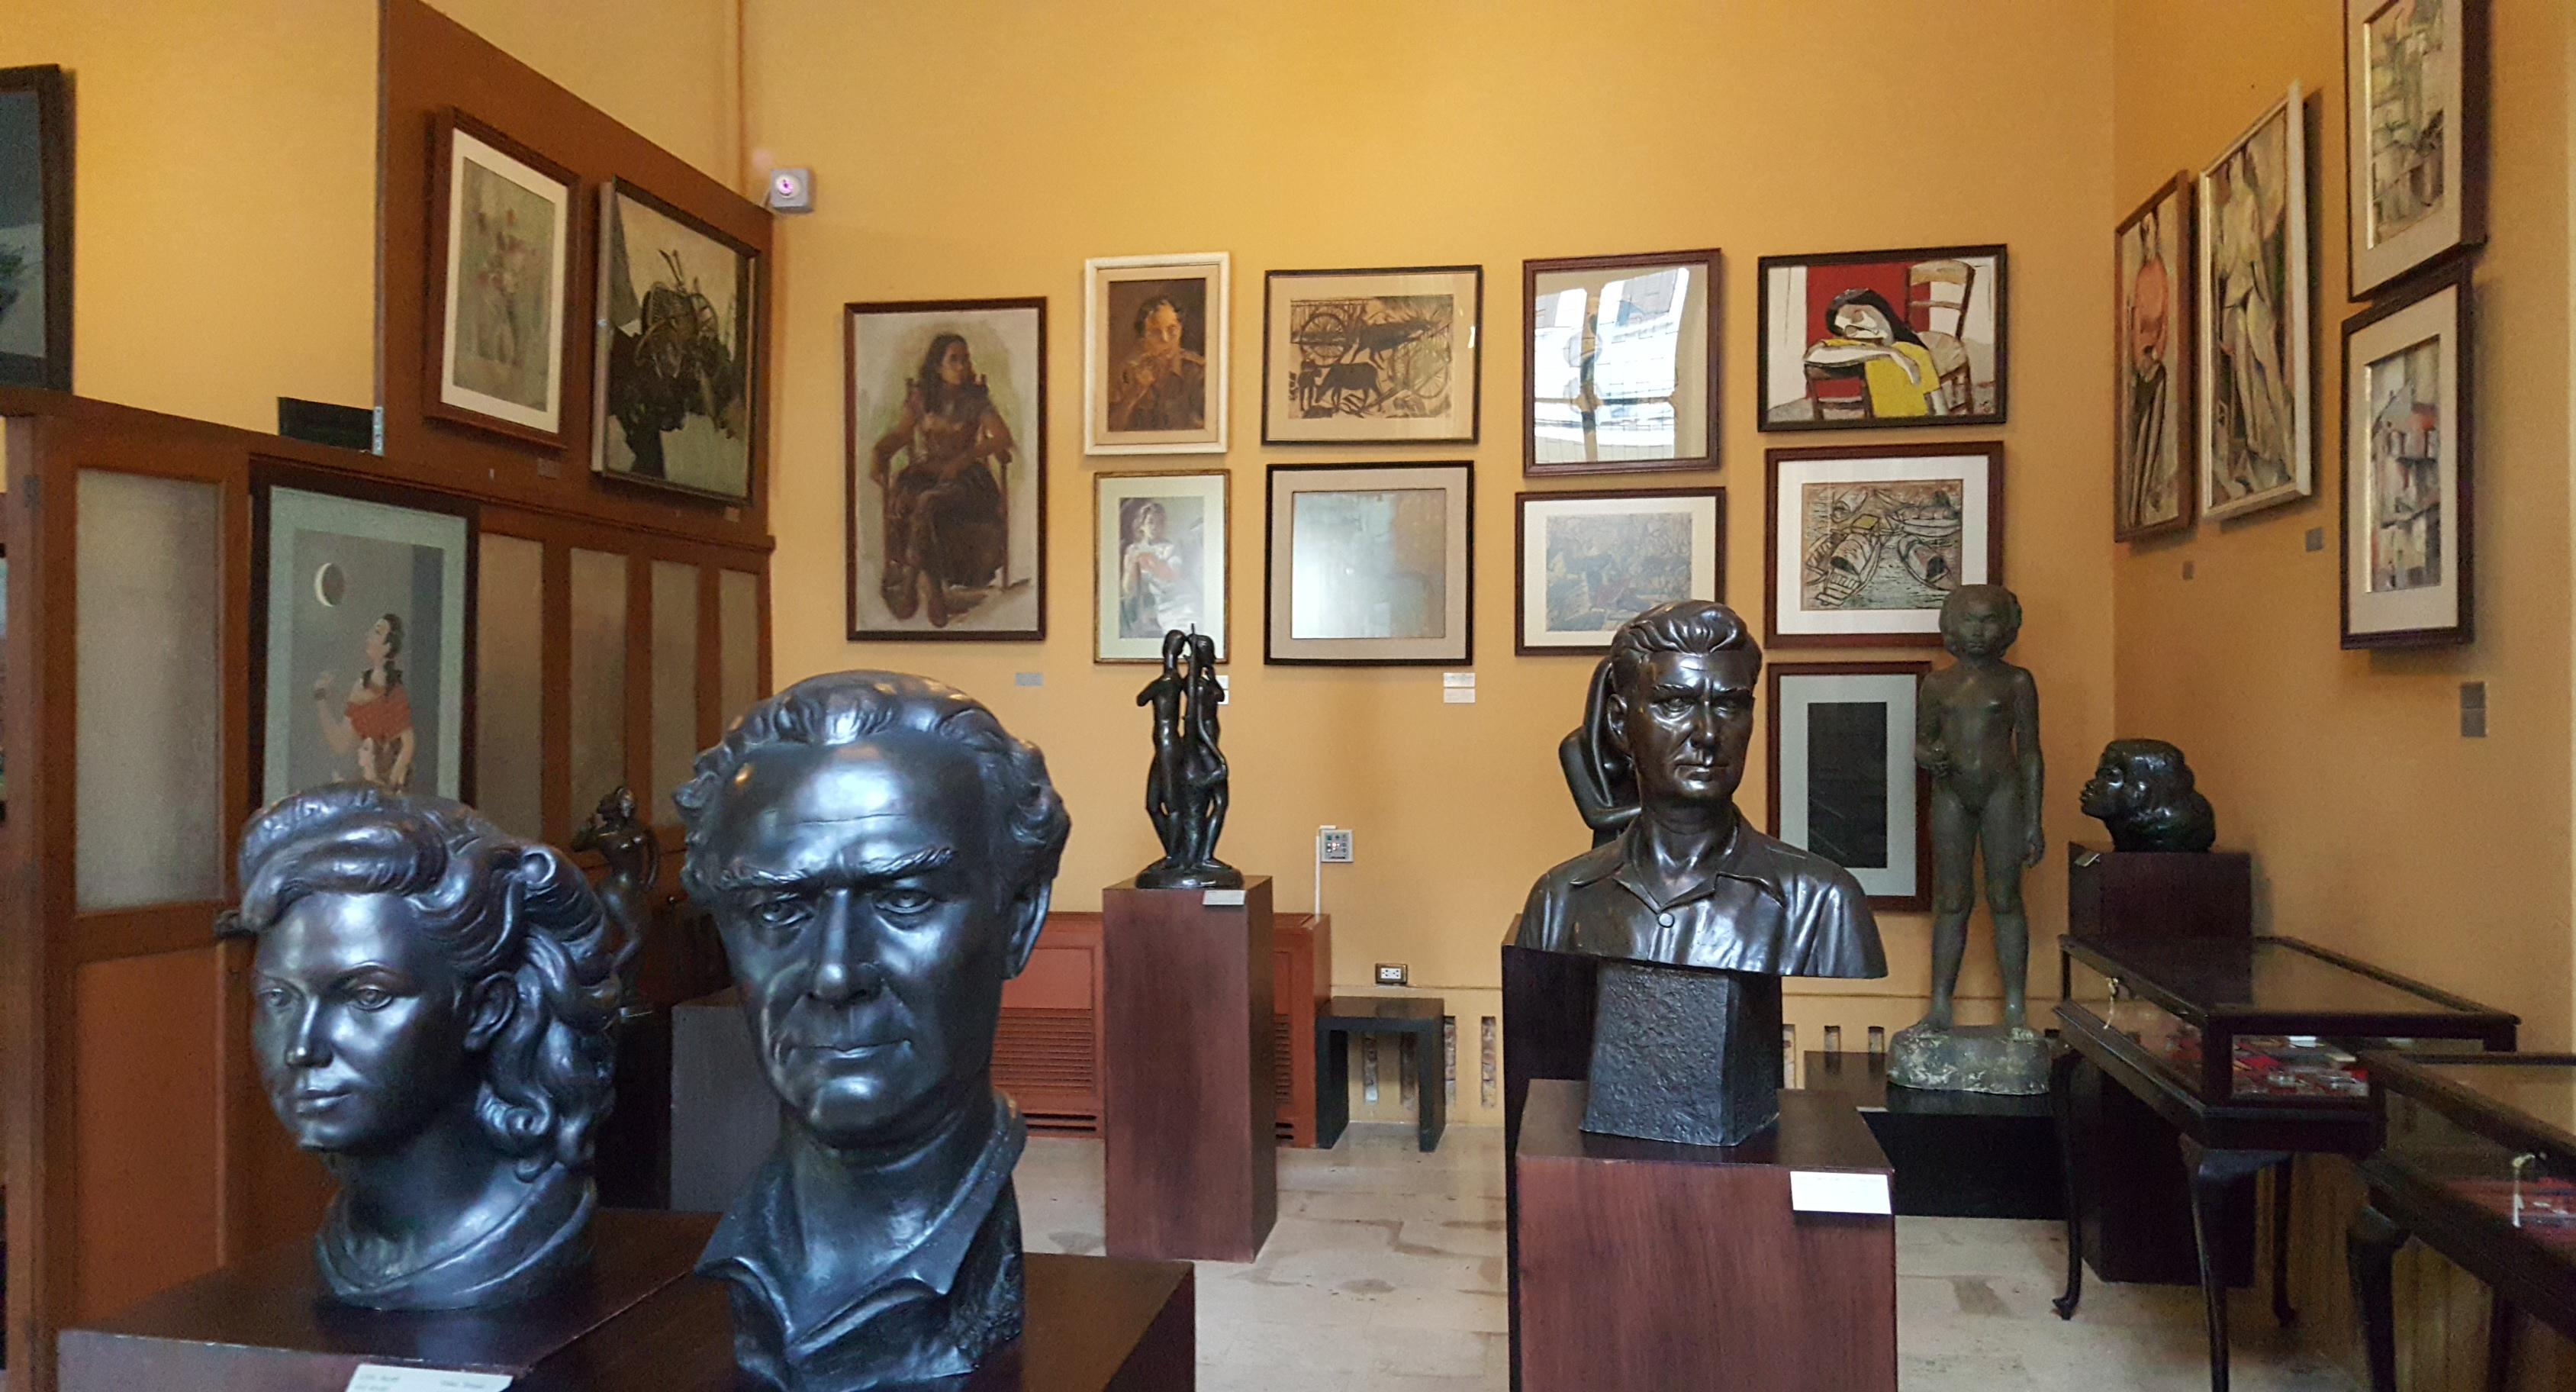 พิพิธภัณฑสถานแห่งชาติ ศิลป์ พีระศรี อนุสรณ์